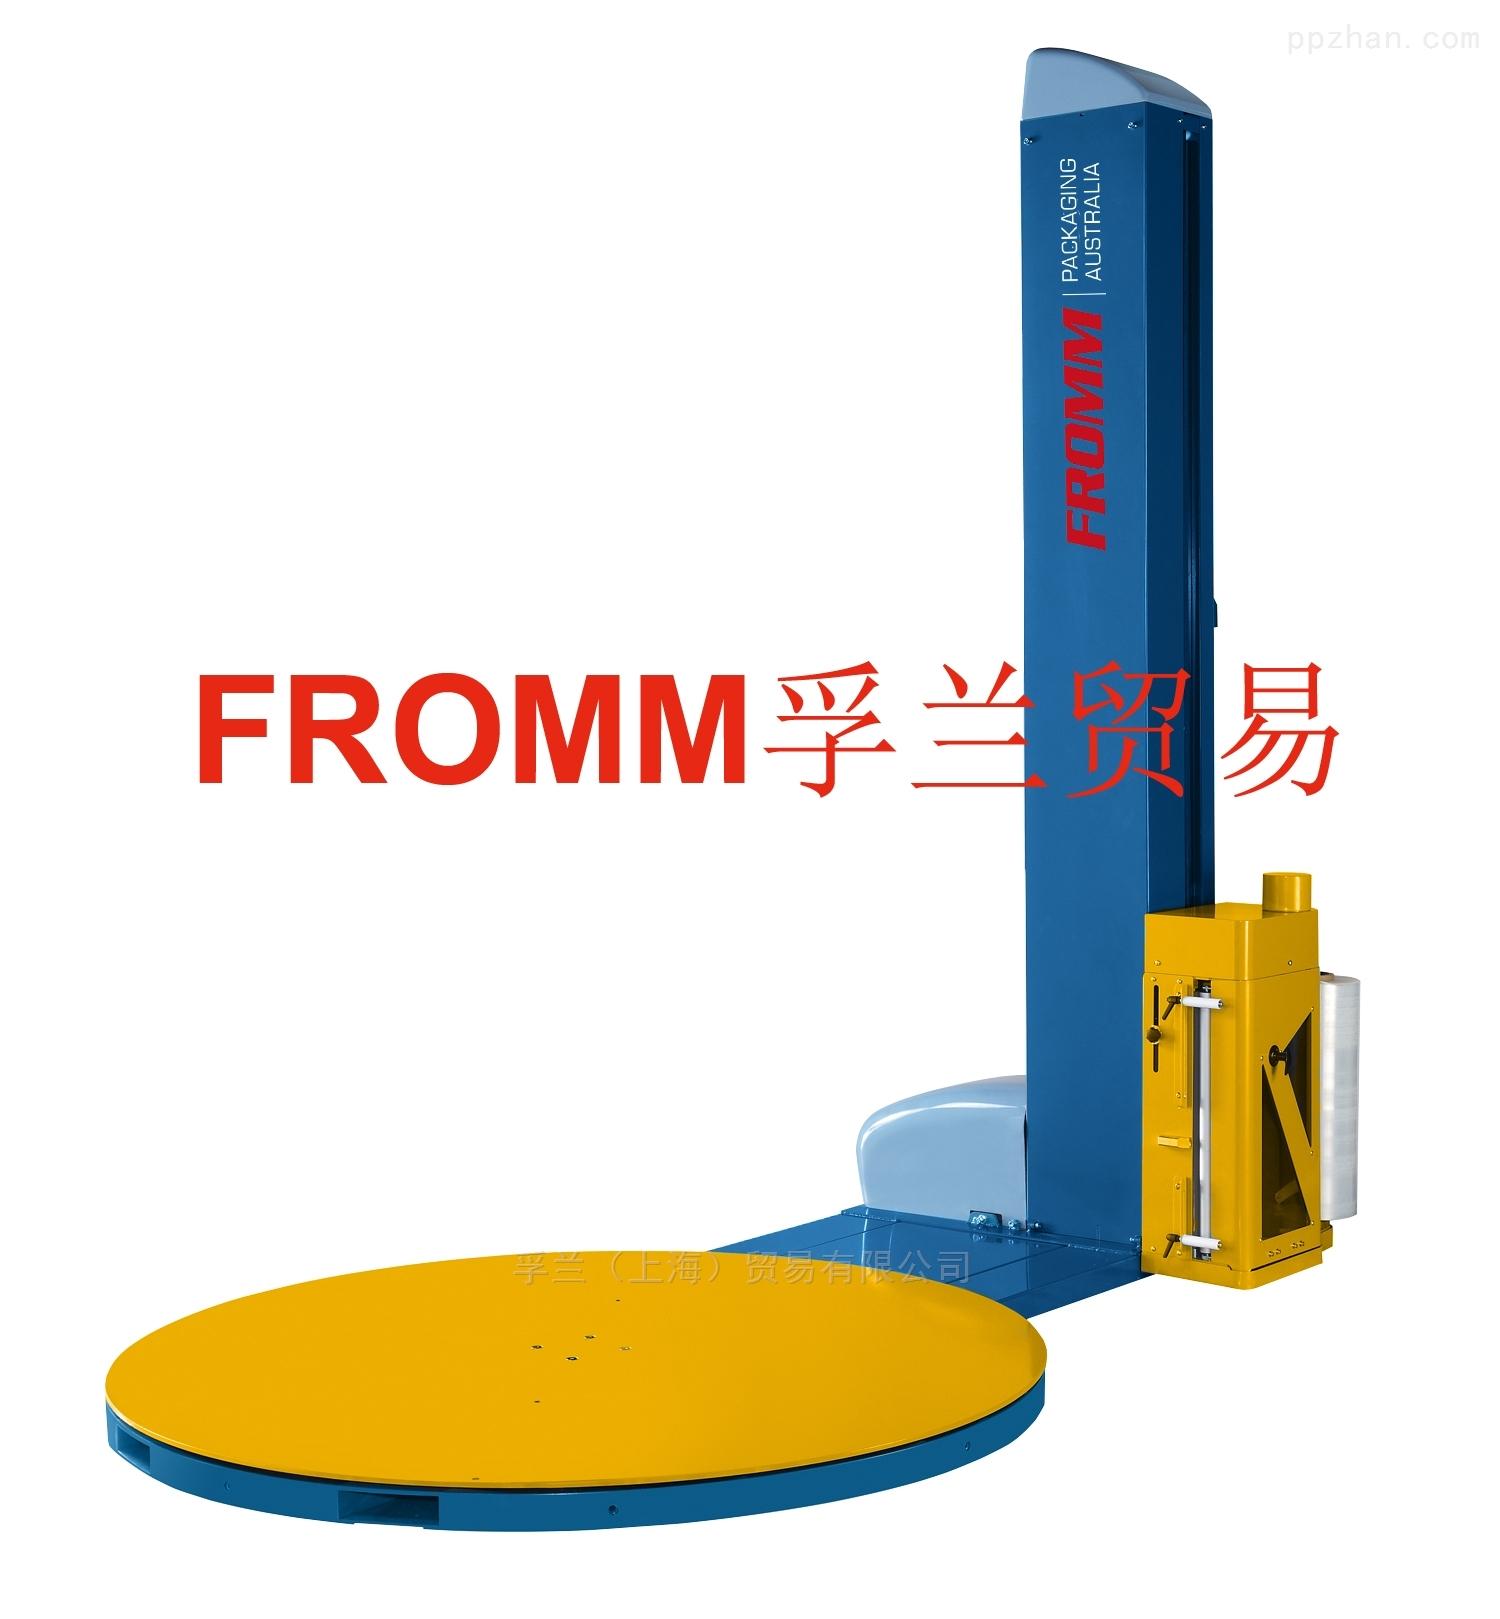 FSW-30半自动薄膜缠绕机 FROMM孚兰